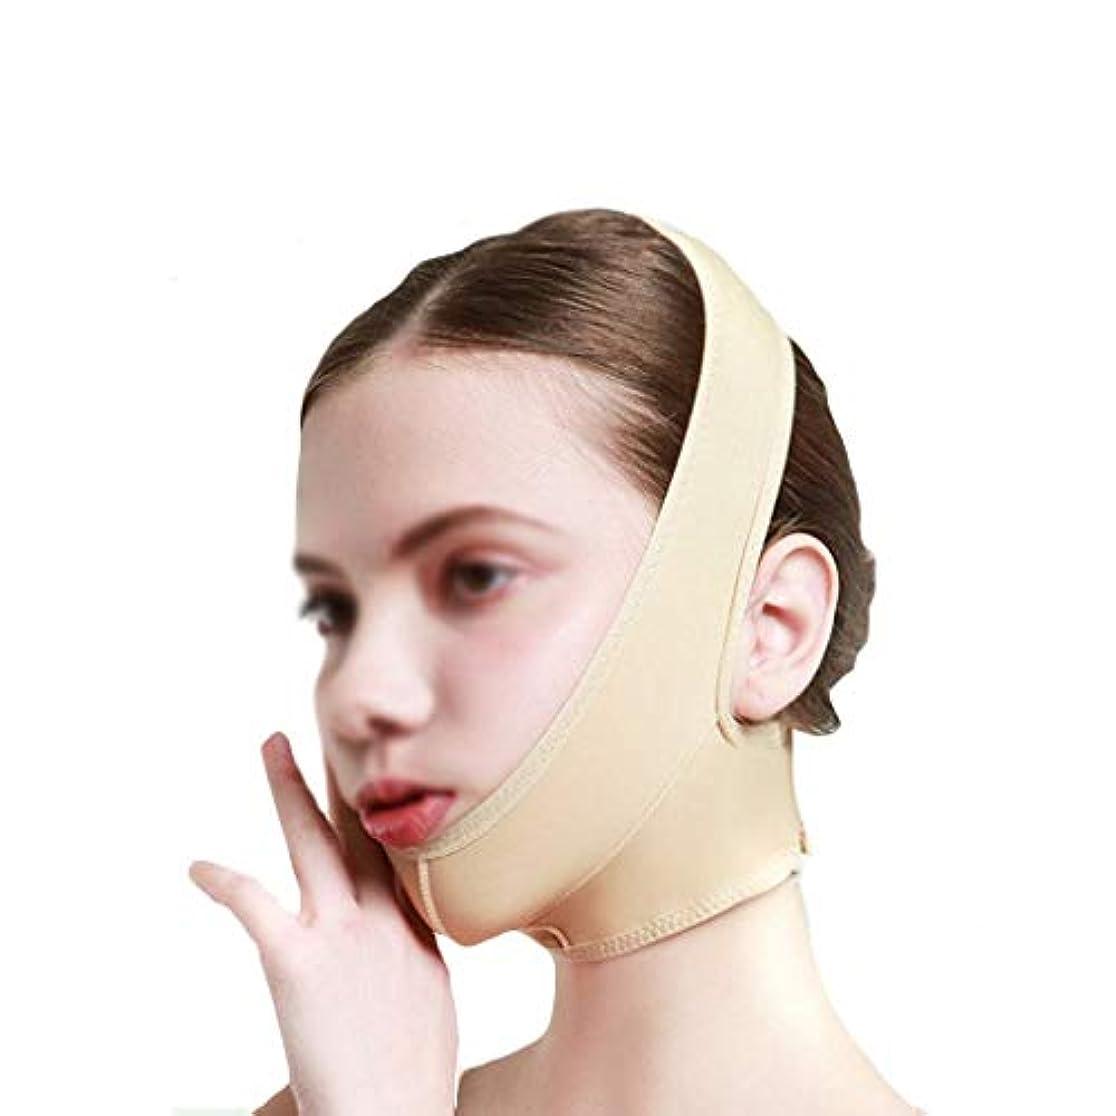 妻ピケベストダブルチンリデューサー、フェイススリミングマスク、フェイスリフティング、ストレッチマスク、ダブルチン、浮腫緩和、ケアツール、通気性(サイズ:XL),M